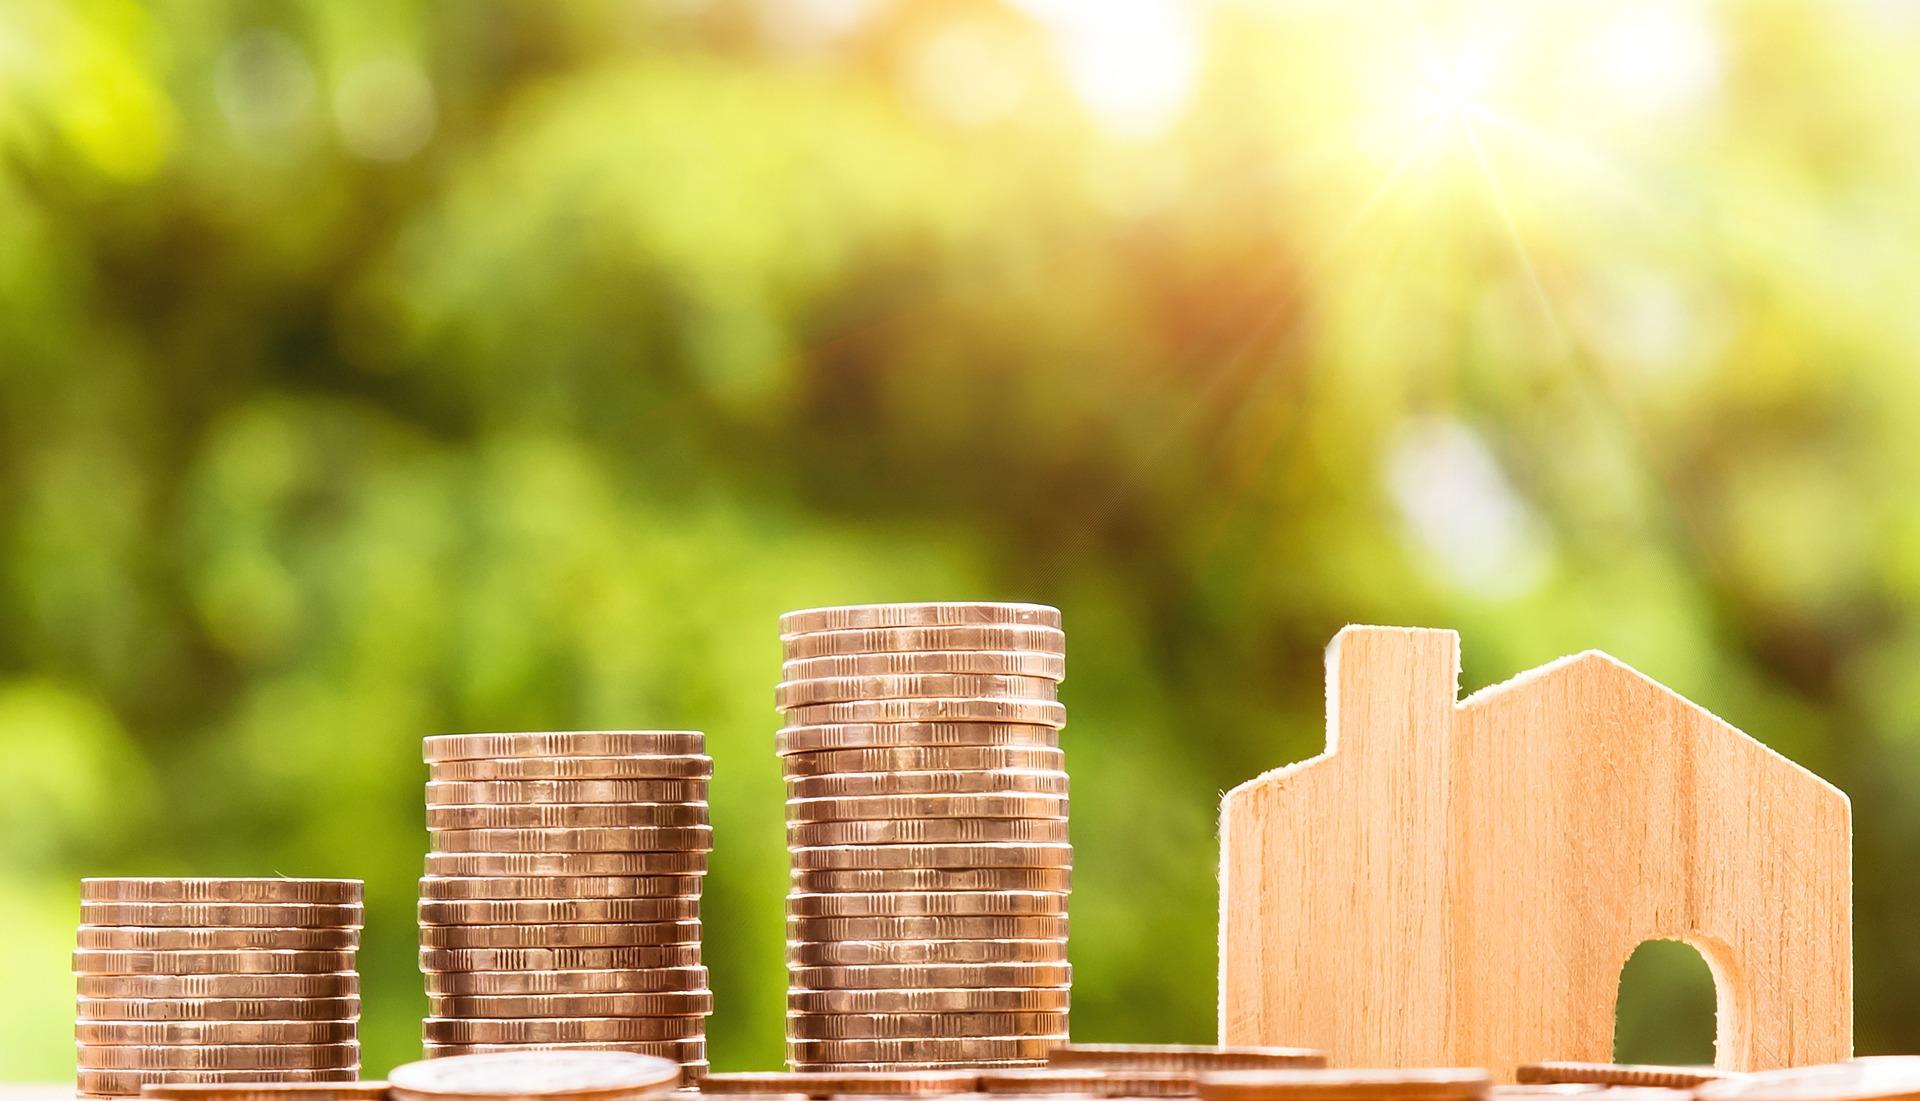 Gesetzesentwurf | Maßnahmen für leistbares Wohnen